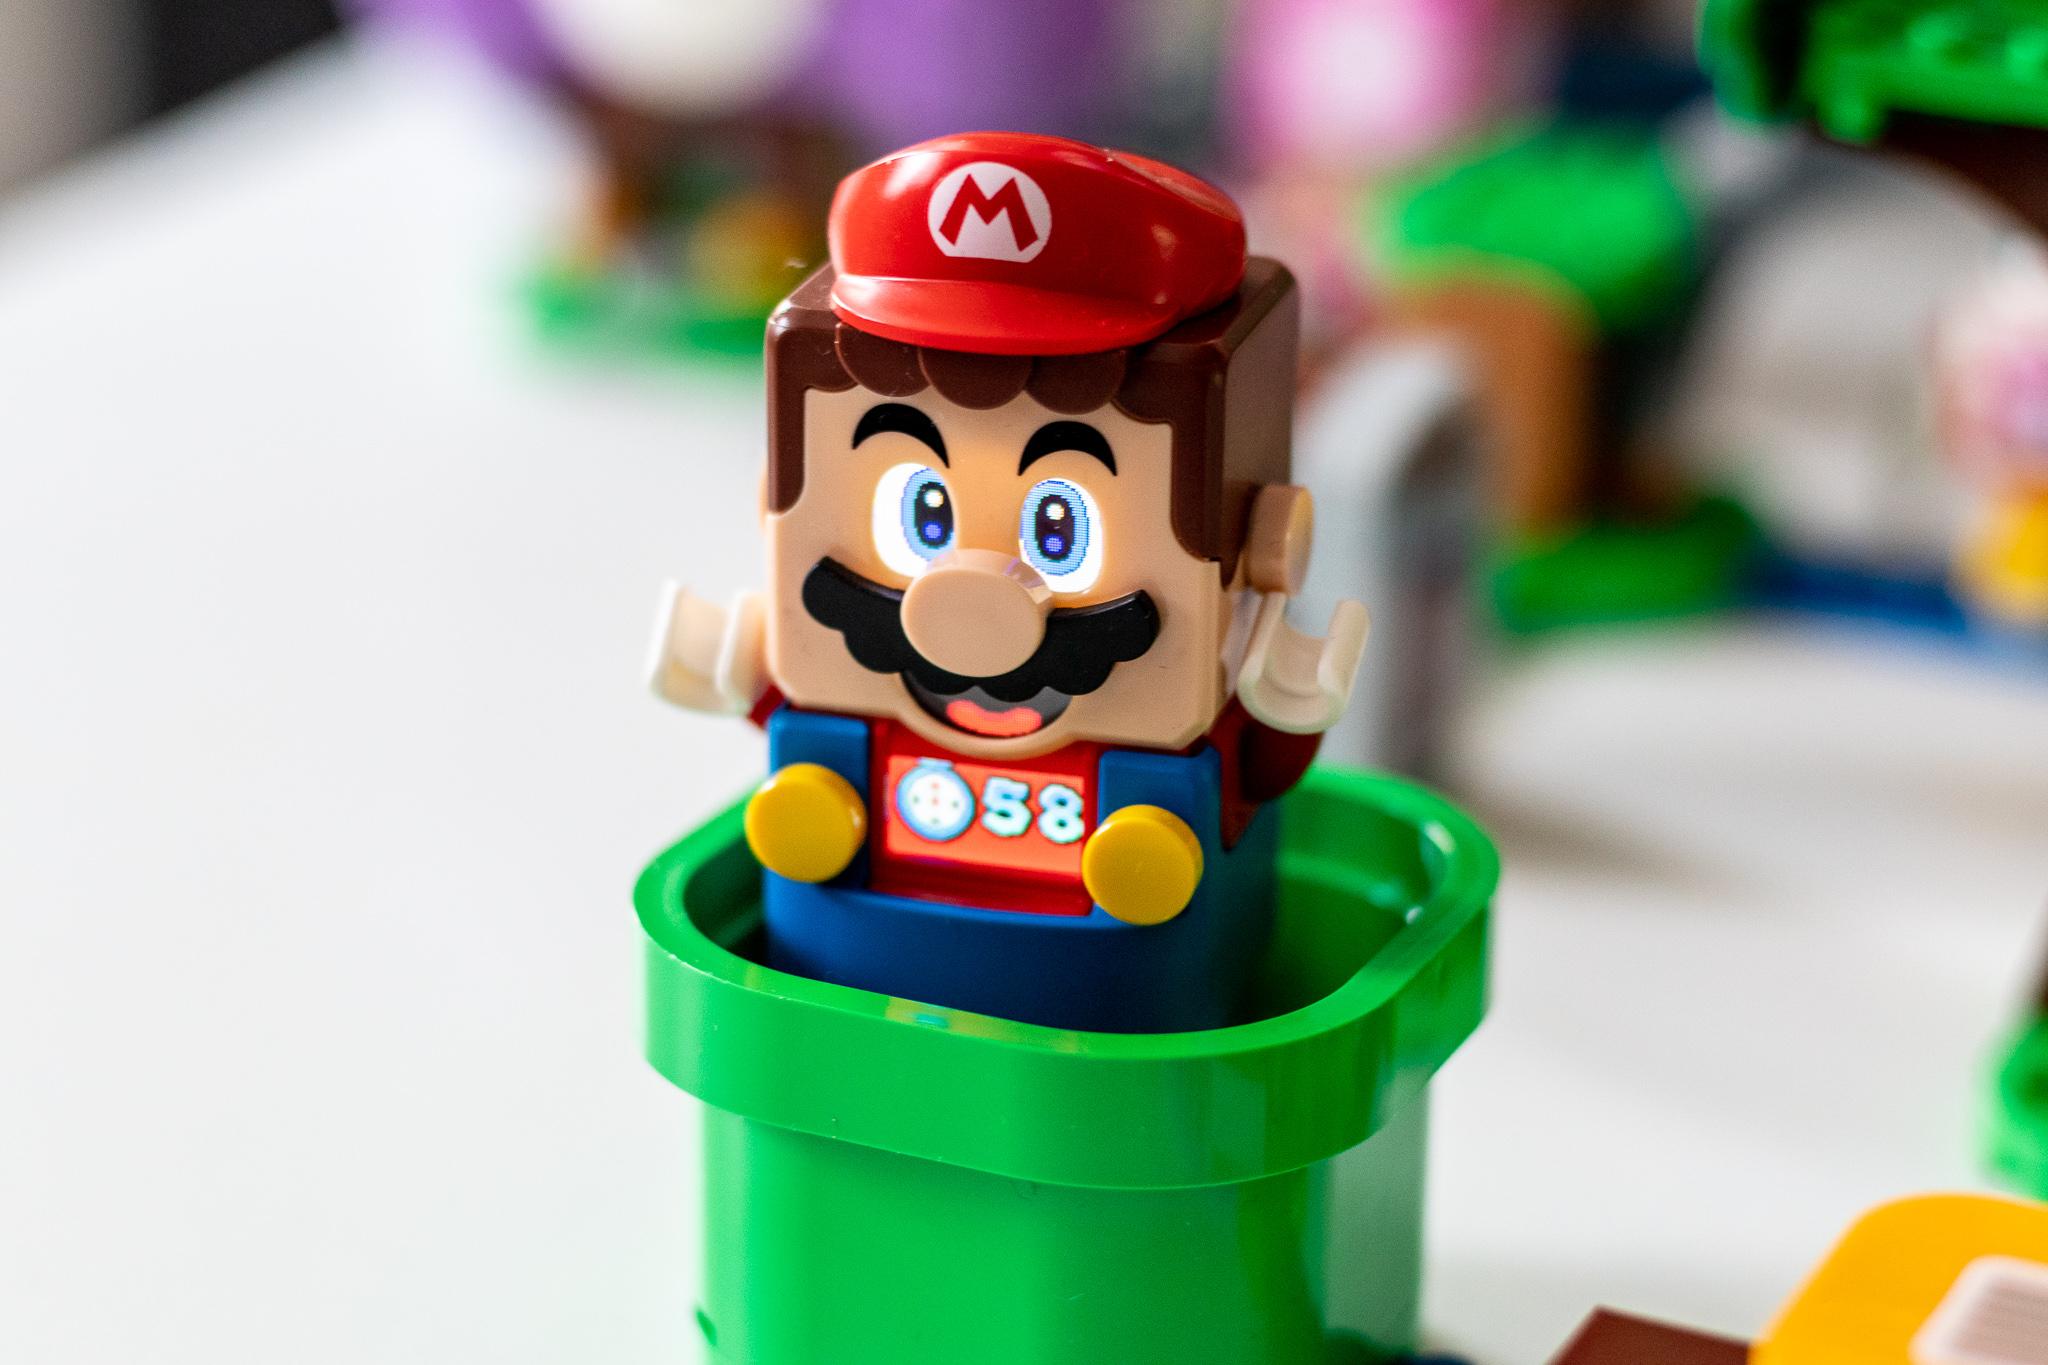 LEGO Super Mario daukat jada.  Plastikozko iturgintza uste baino azkarragoa da eta blokeek denbora luzez dibertitzen zaituzte